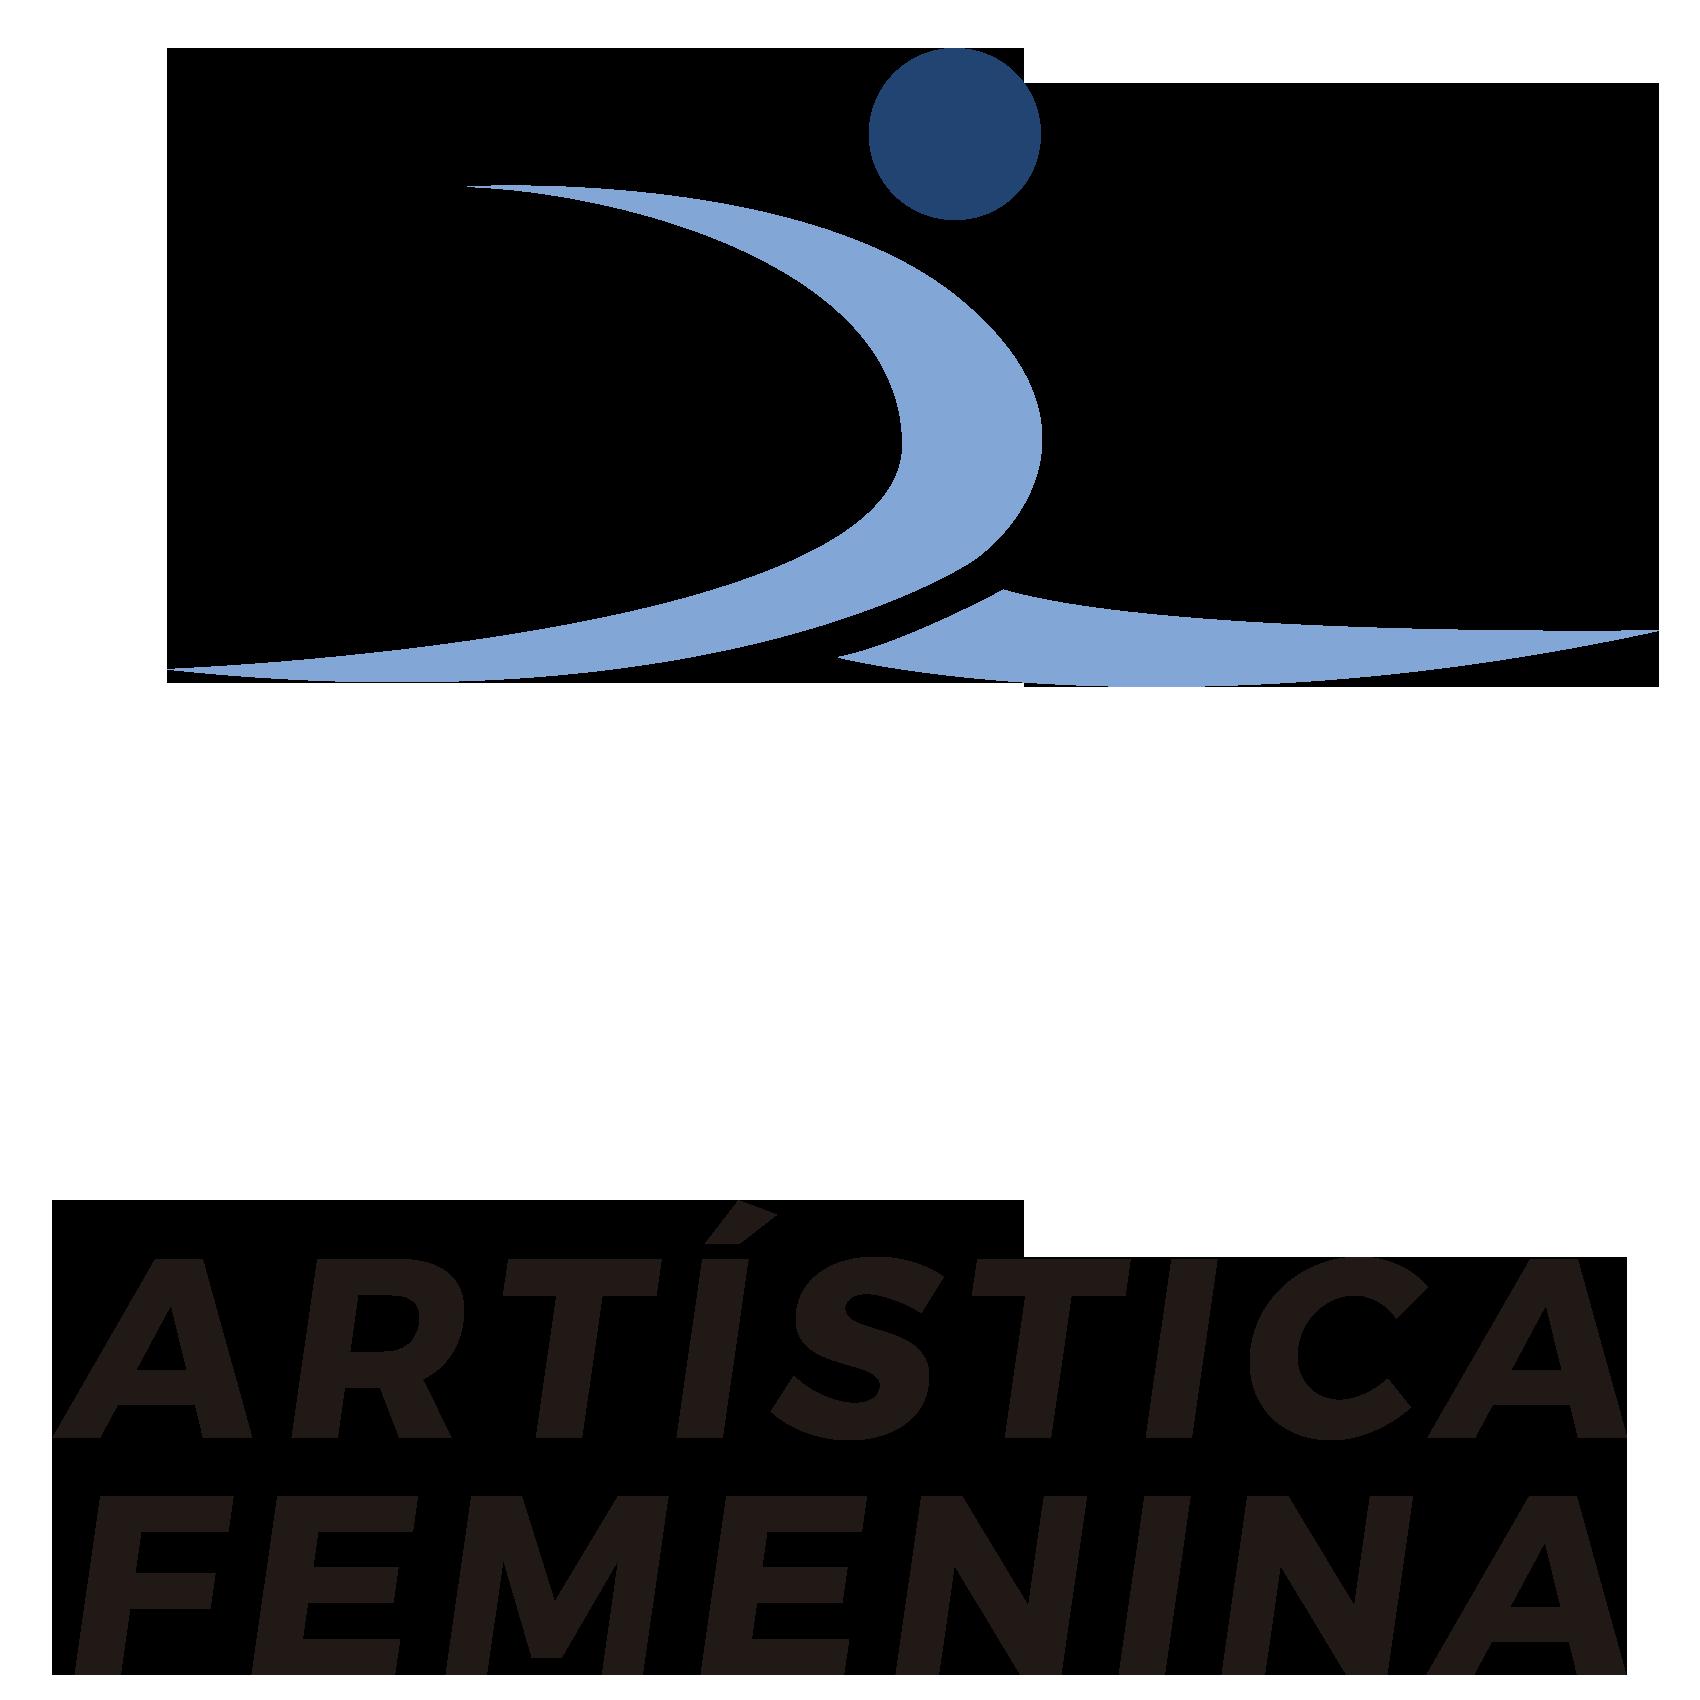 Artística Femenina